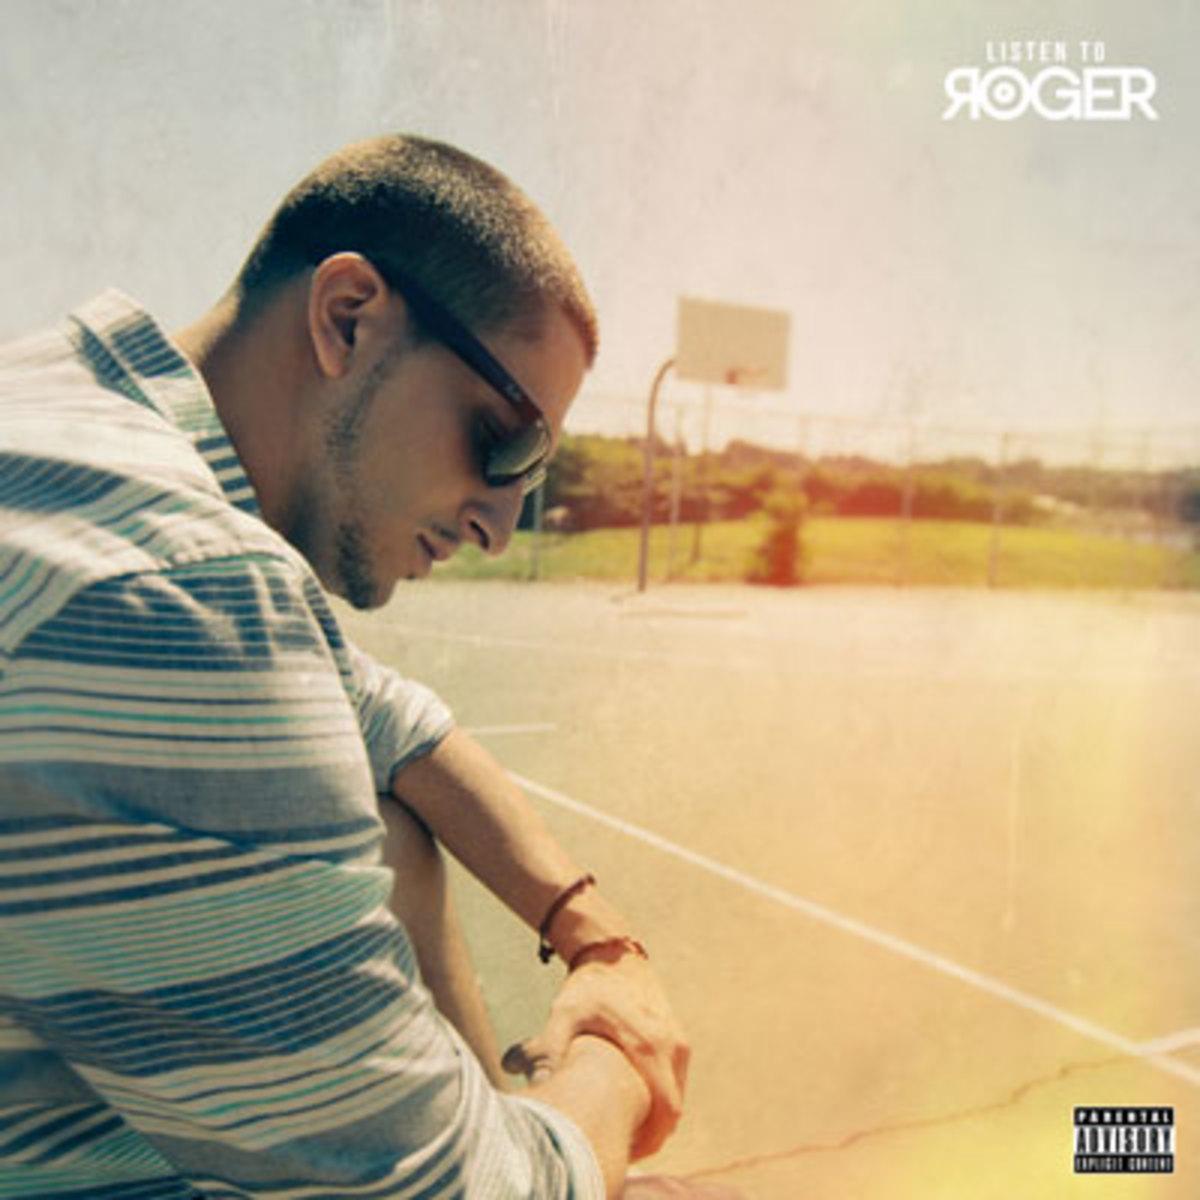 roger-listentoroger.jpg